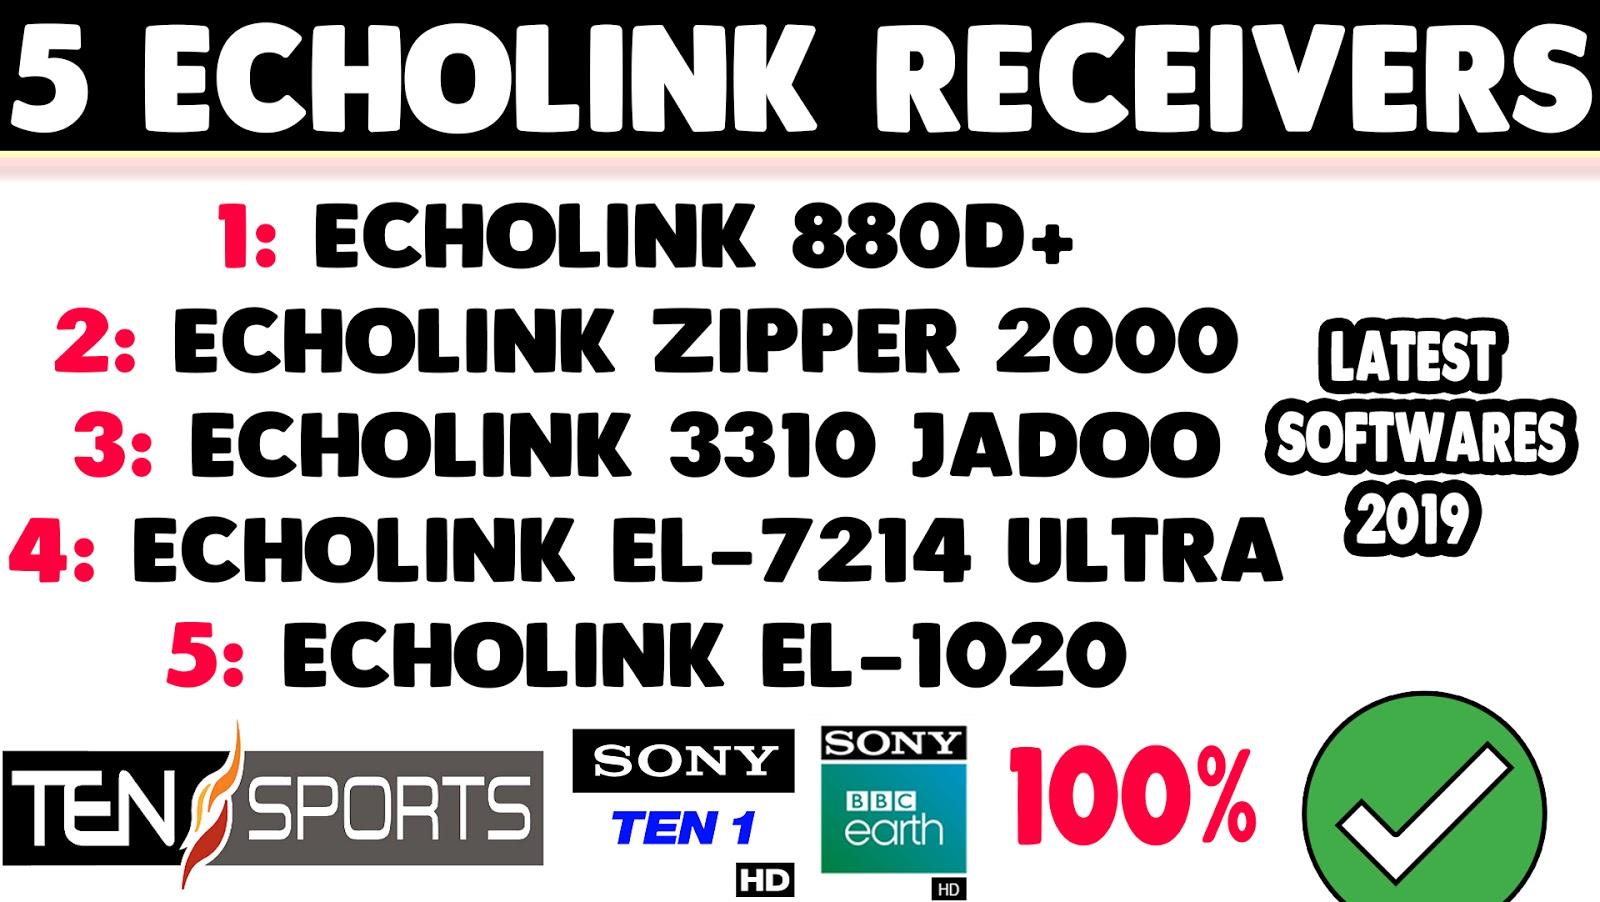 ECHOLINK 880D+ HD, ZIPPER 2000, 3310 JADOO TV, EL-7214 ULTRA & EL